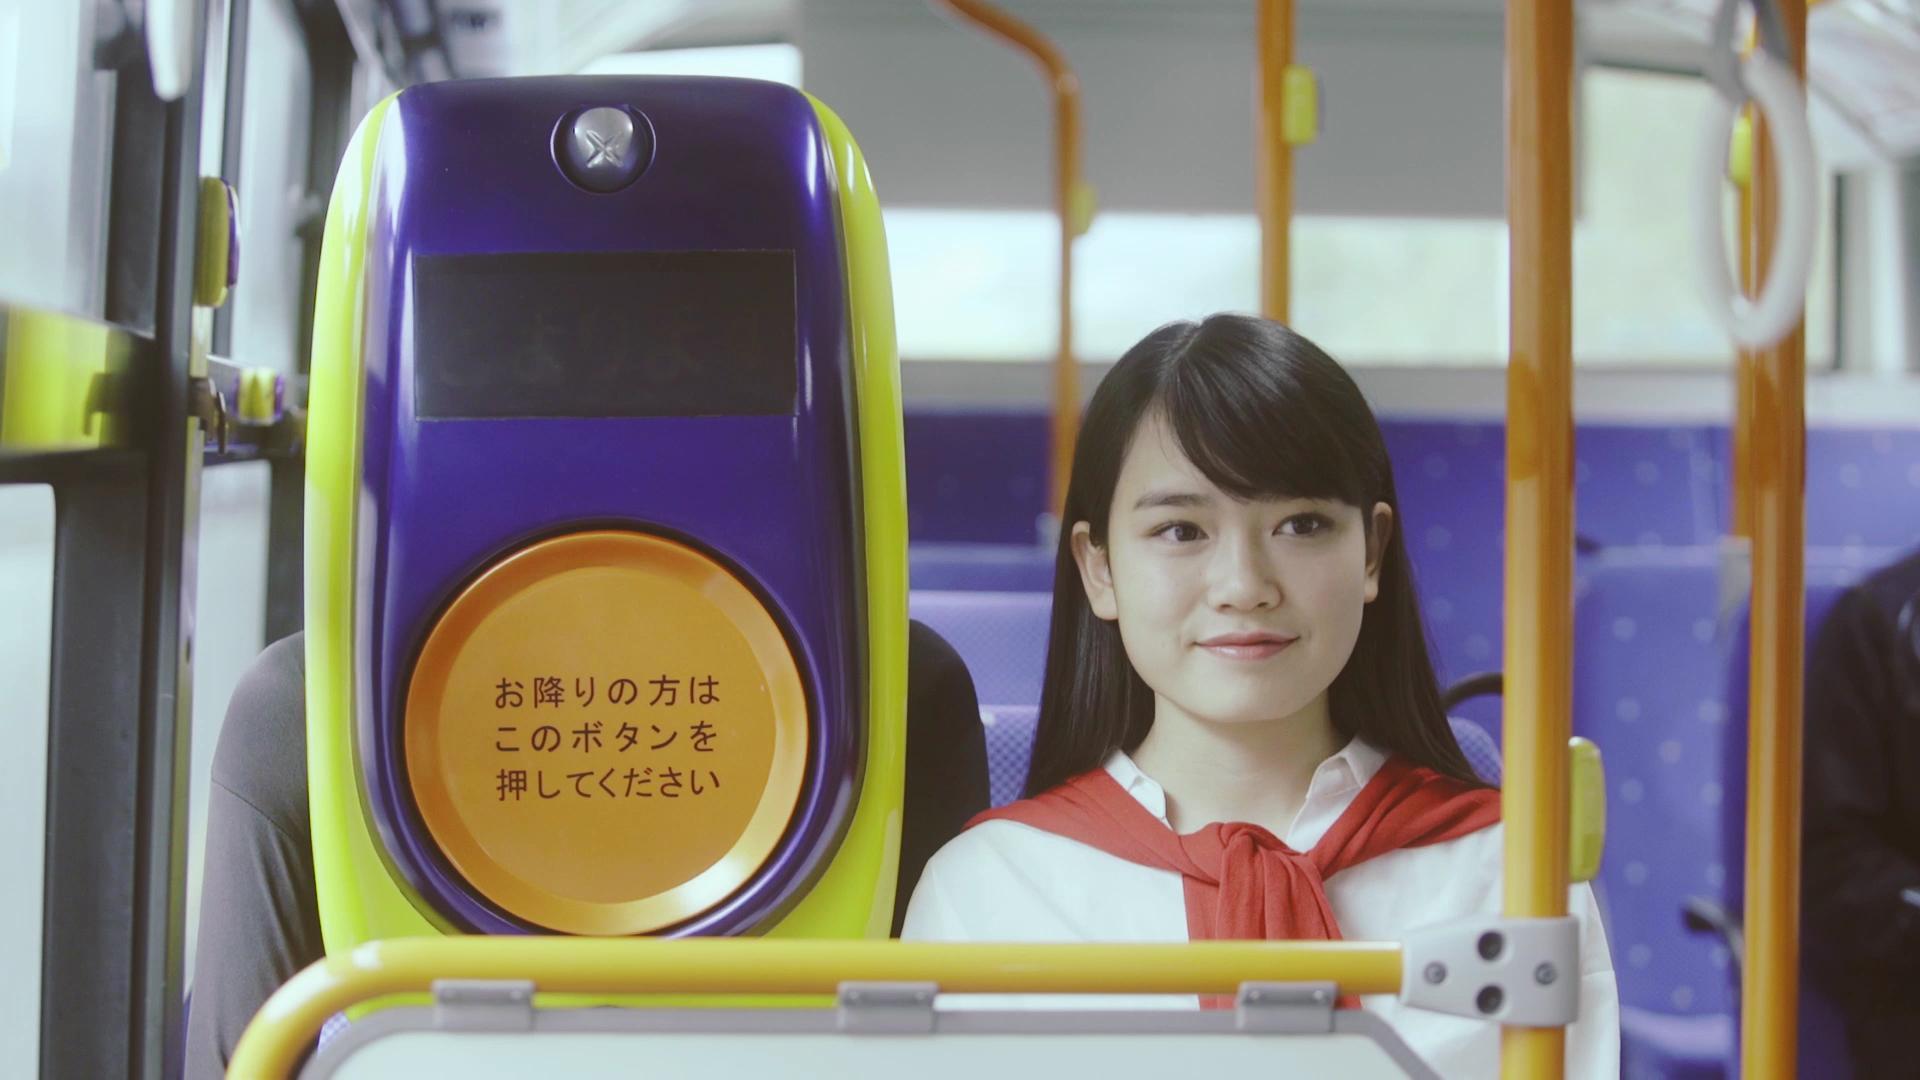 西鉄バス、降車ボタンが主人公のPR動画を公開、「とまりますボタンさん」で擬人化